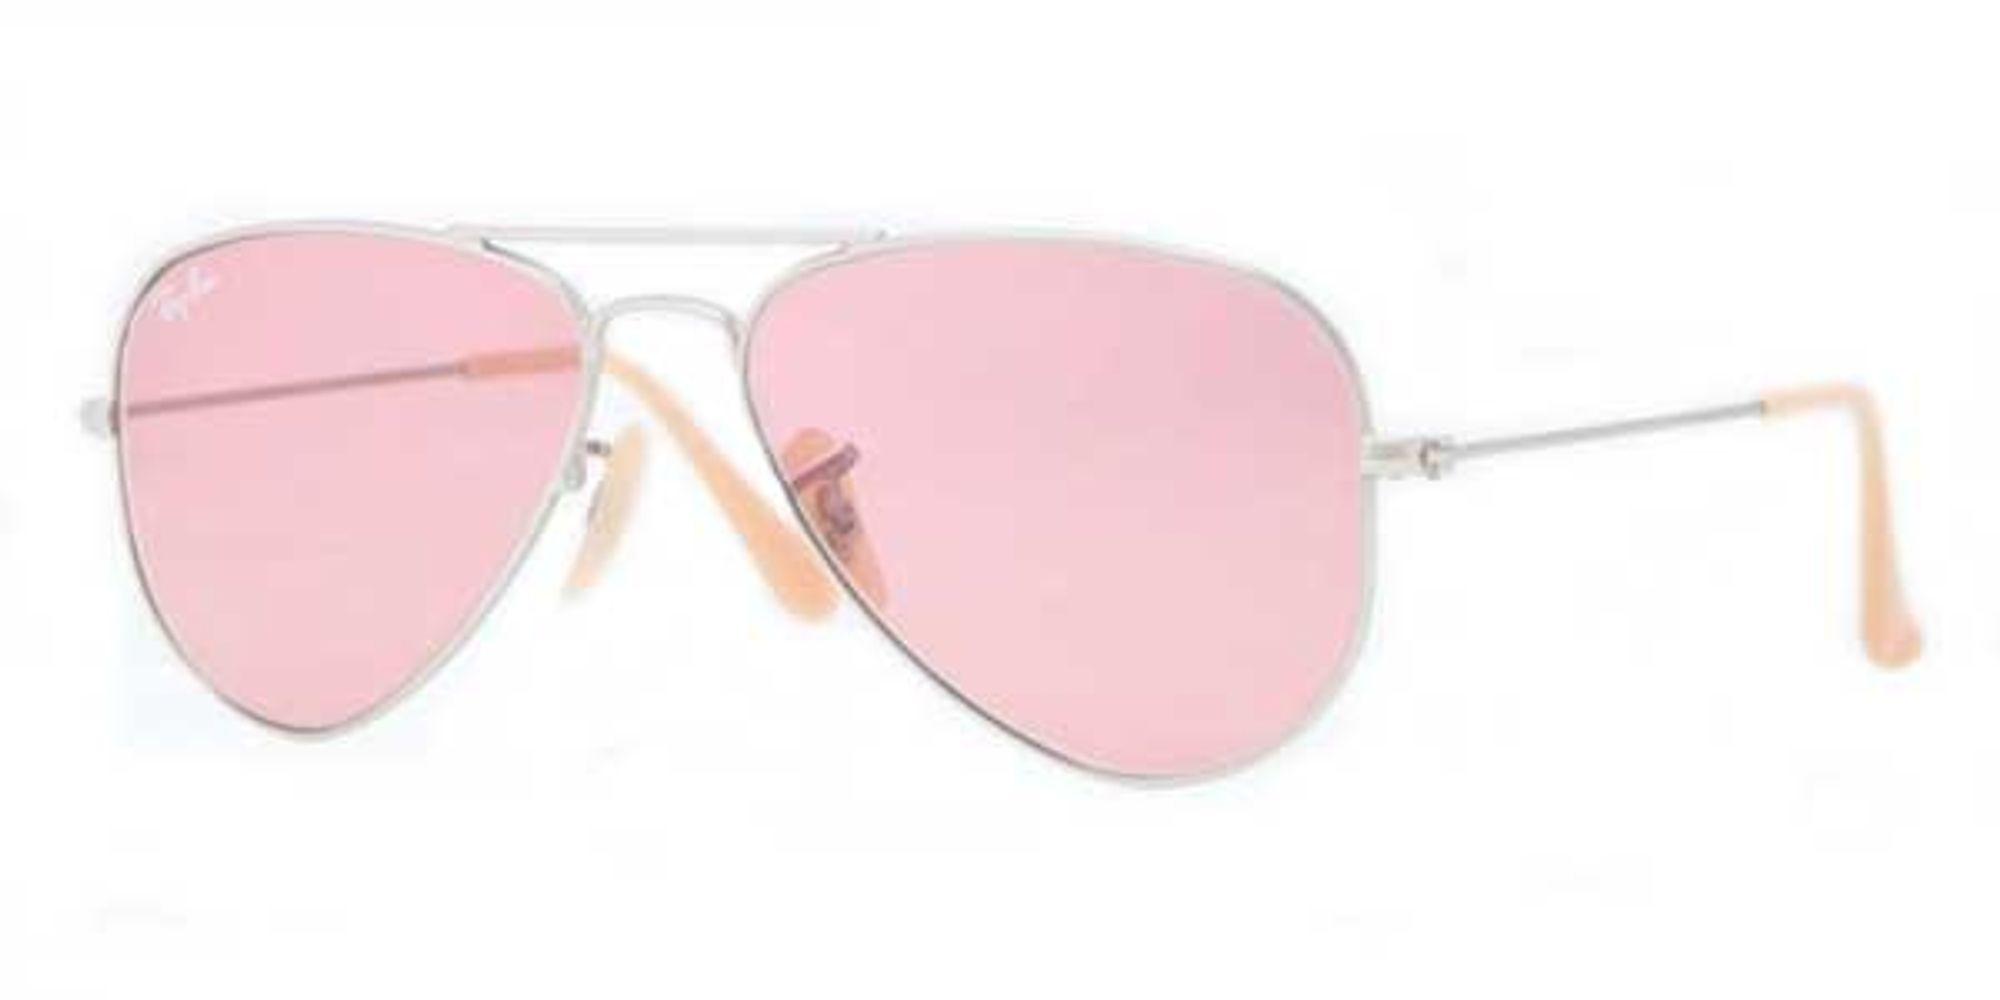 pink ray ban aviators  Pink Ray Bans Aviators - atlantabeadgallery